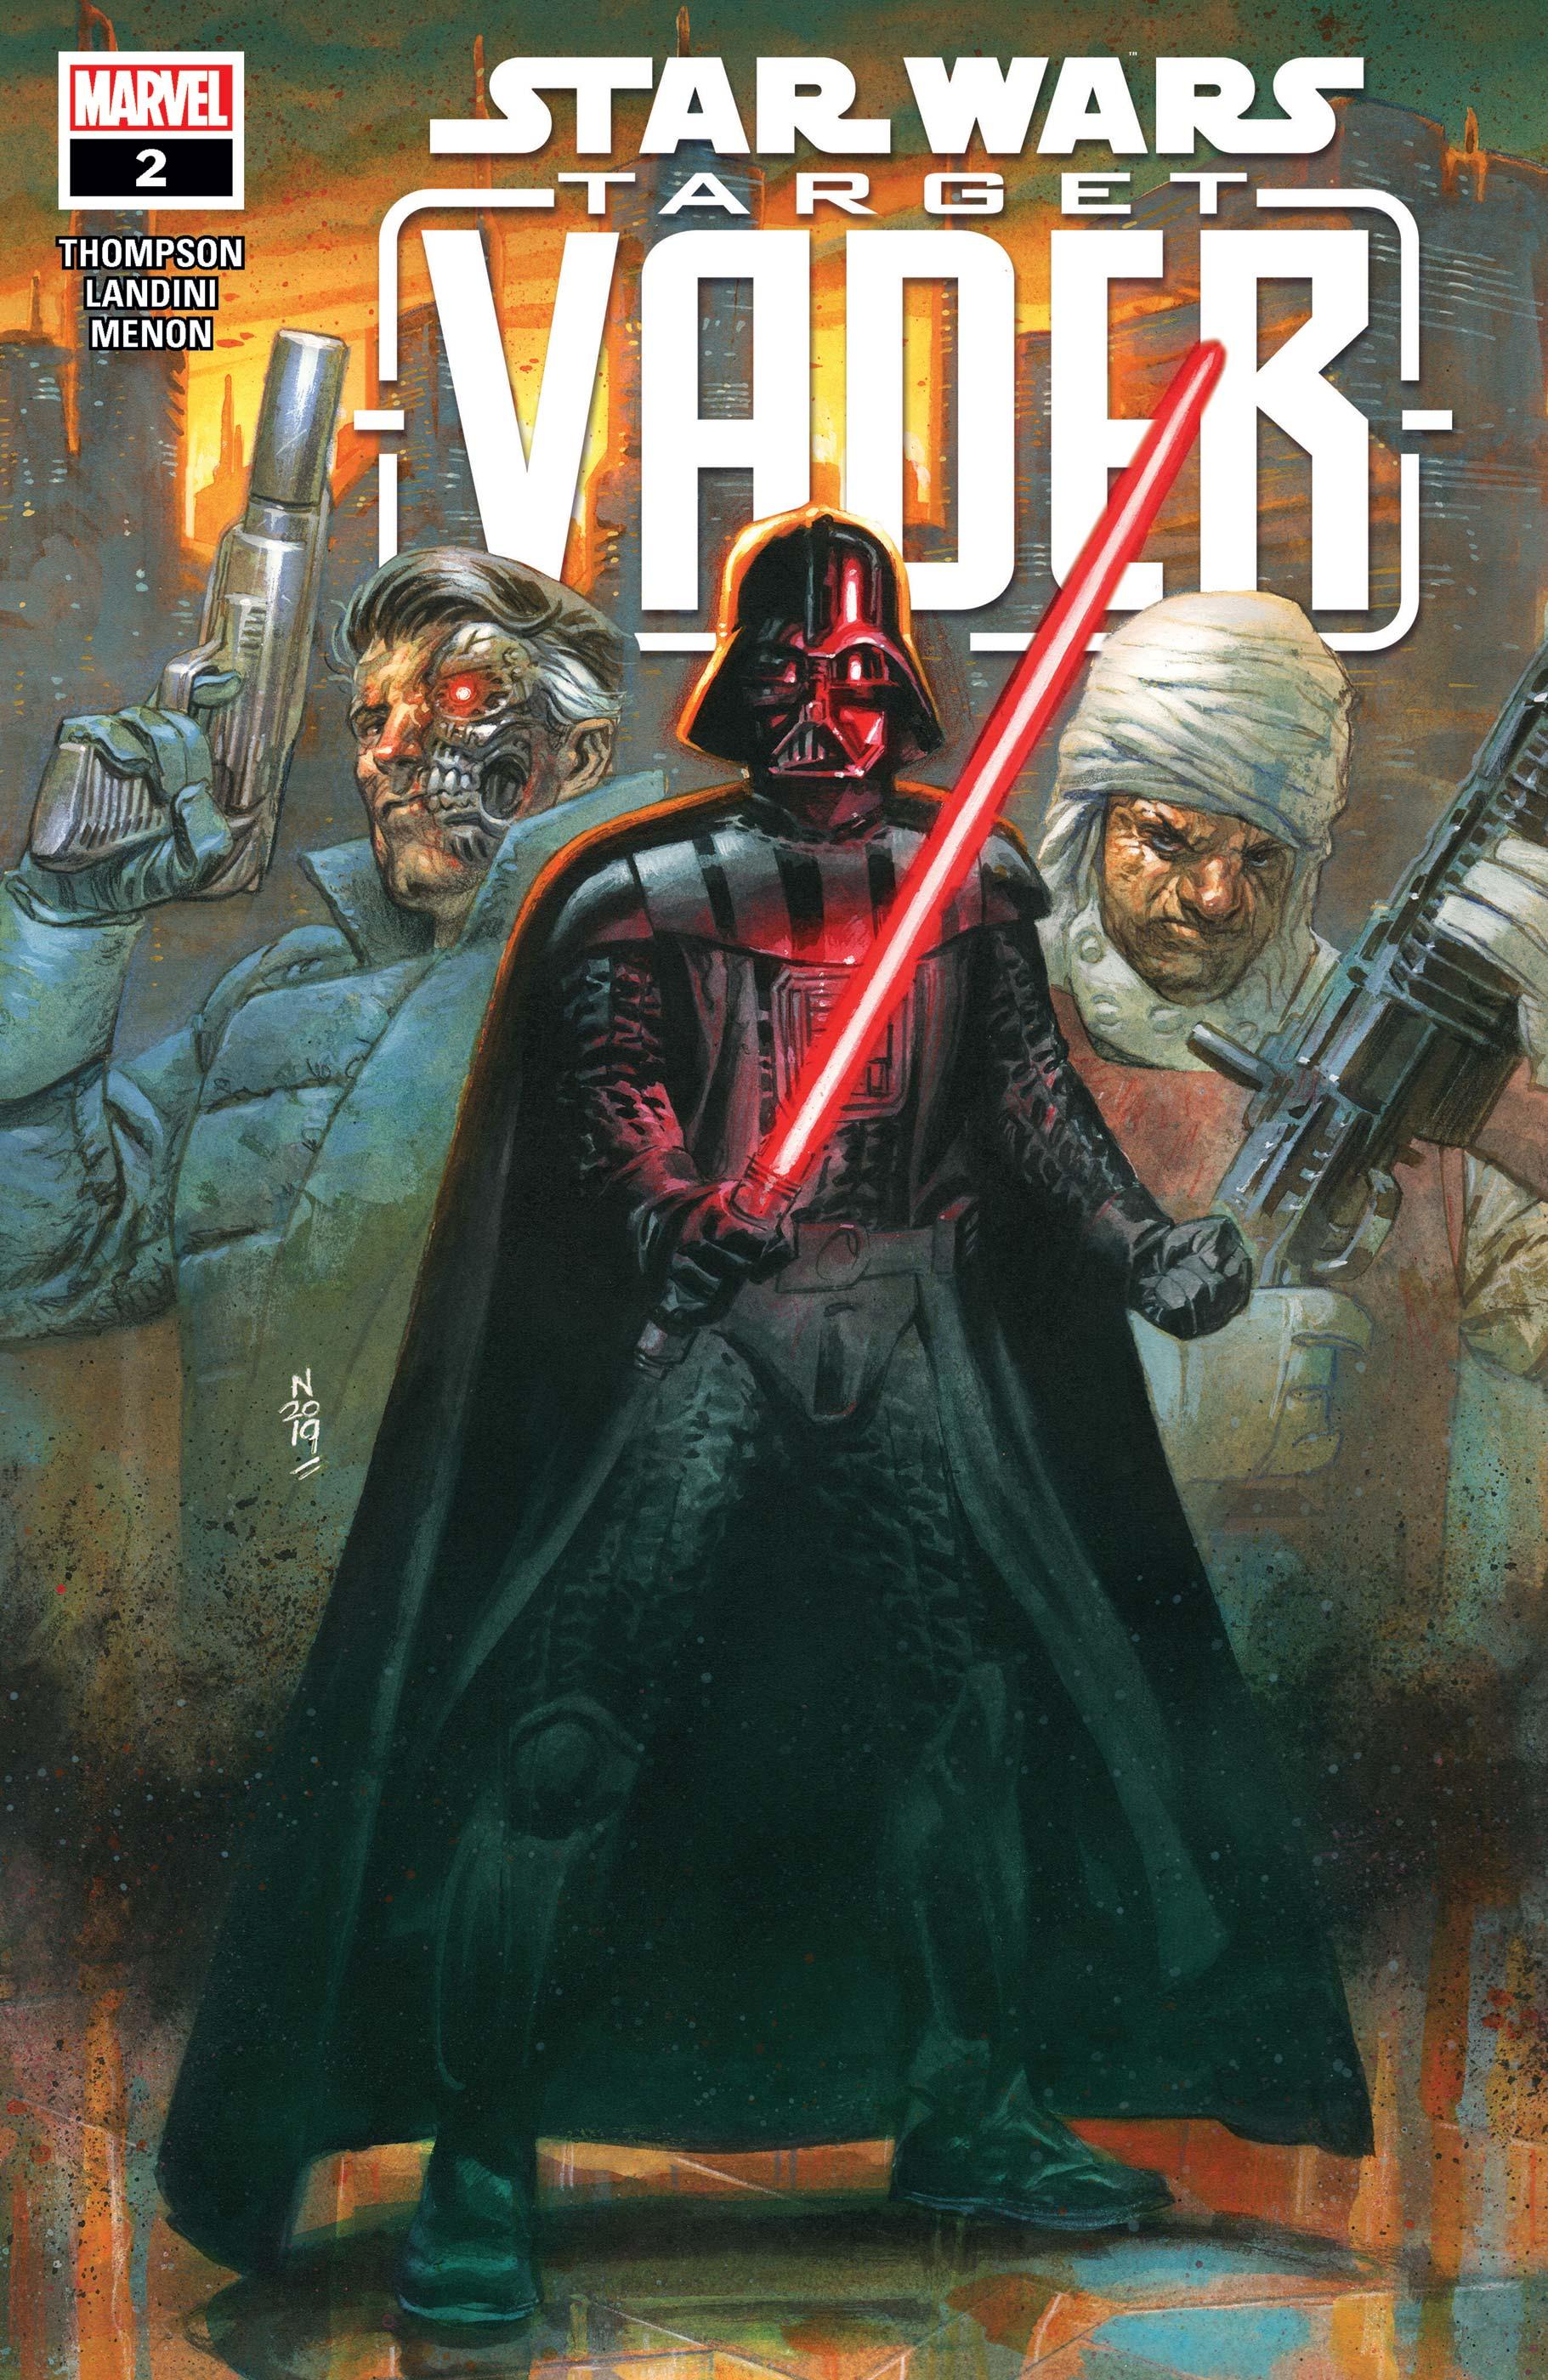 Star Wars: Target Vader Vol 1 2